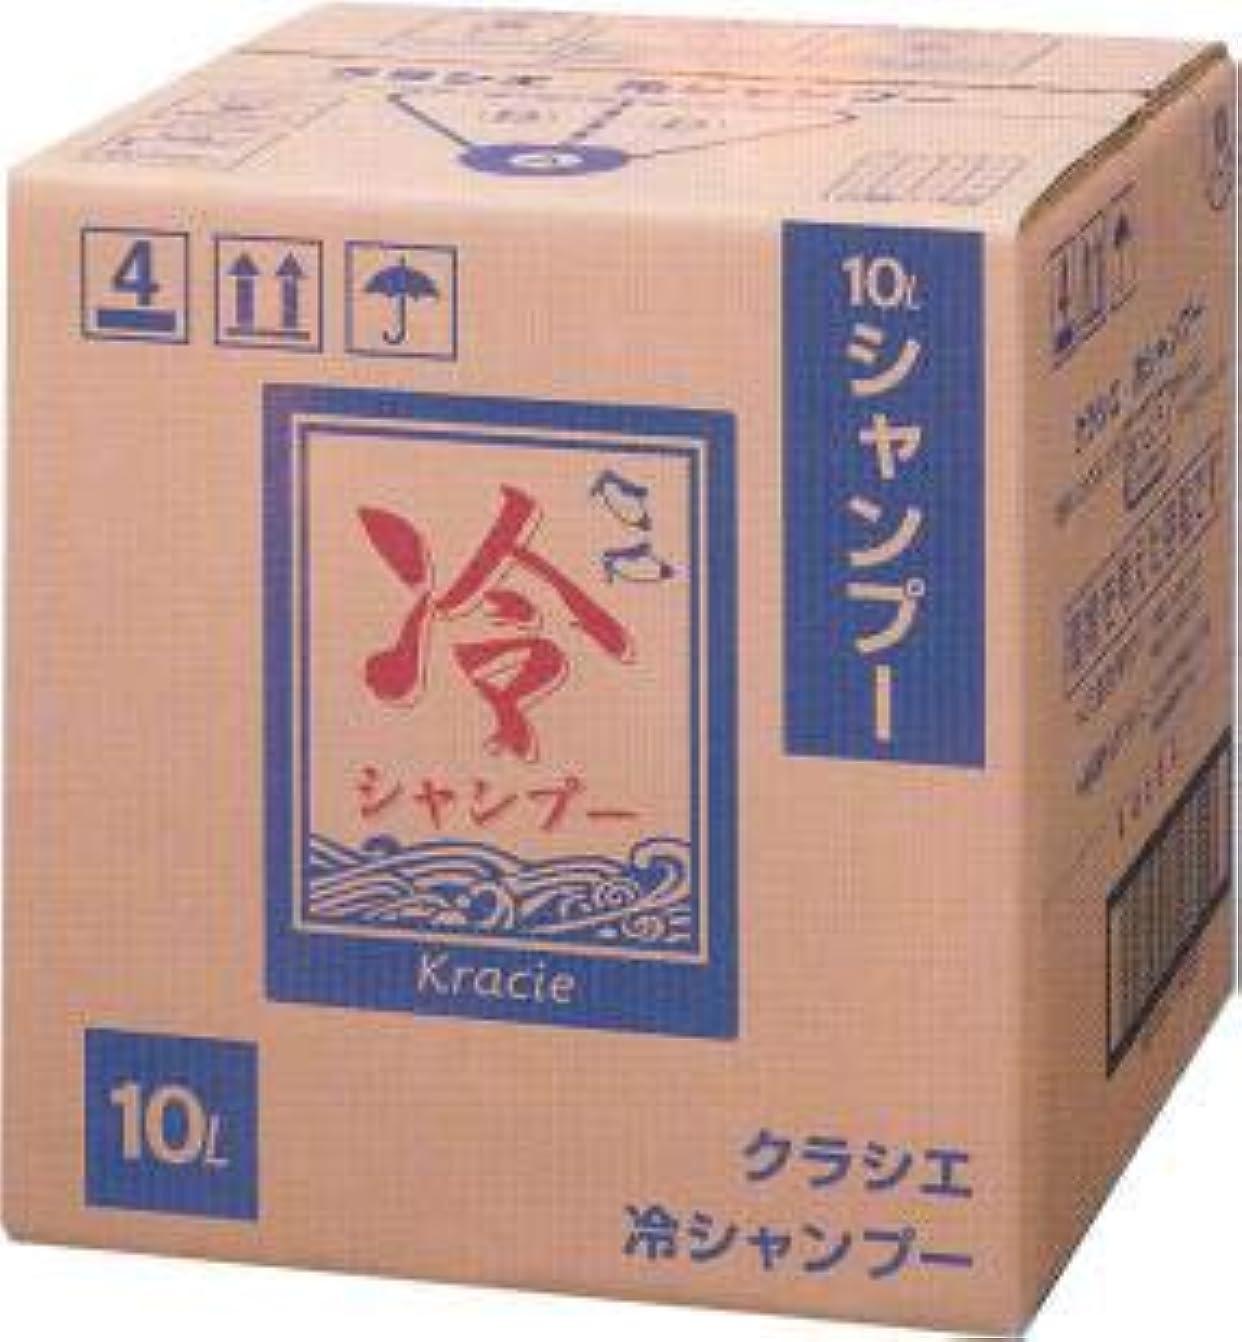 医薬食物大理石kracie クラシエ 冷 シャンプー 10L 詰め替え 業務用